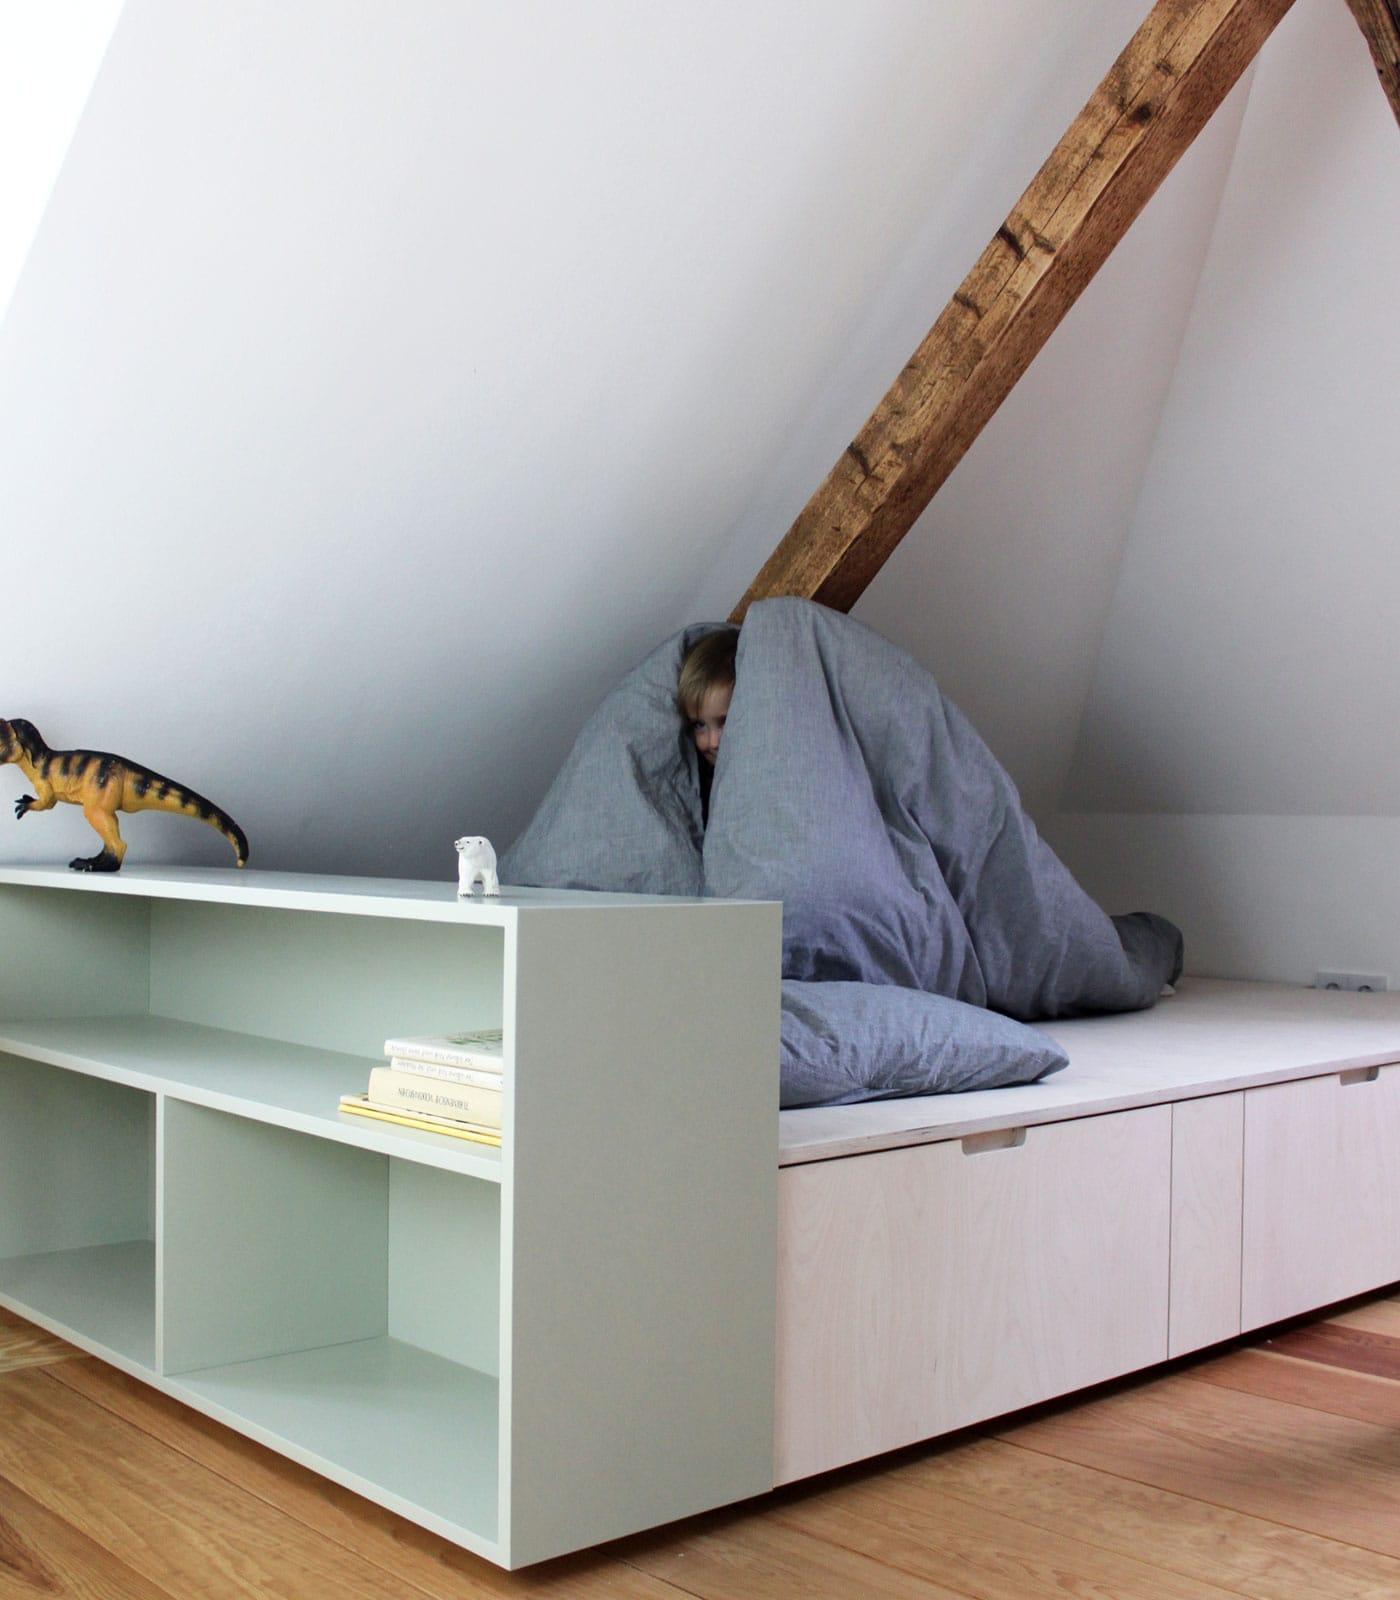 Betteinbauten für Kinder // HIMBEER